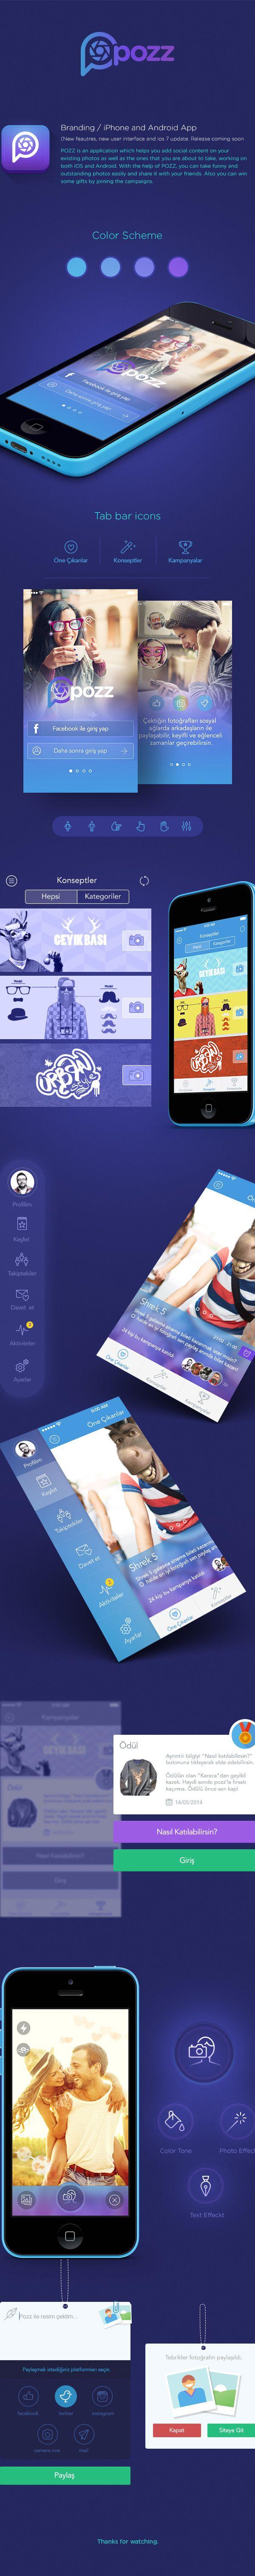 어플을 소개하는 전체적인 레이아웃 배치가 다양한 화면을 기능에따라 보기쉽게 배치되어있어 이해가 빠르게 된다.